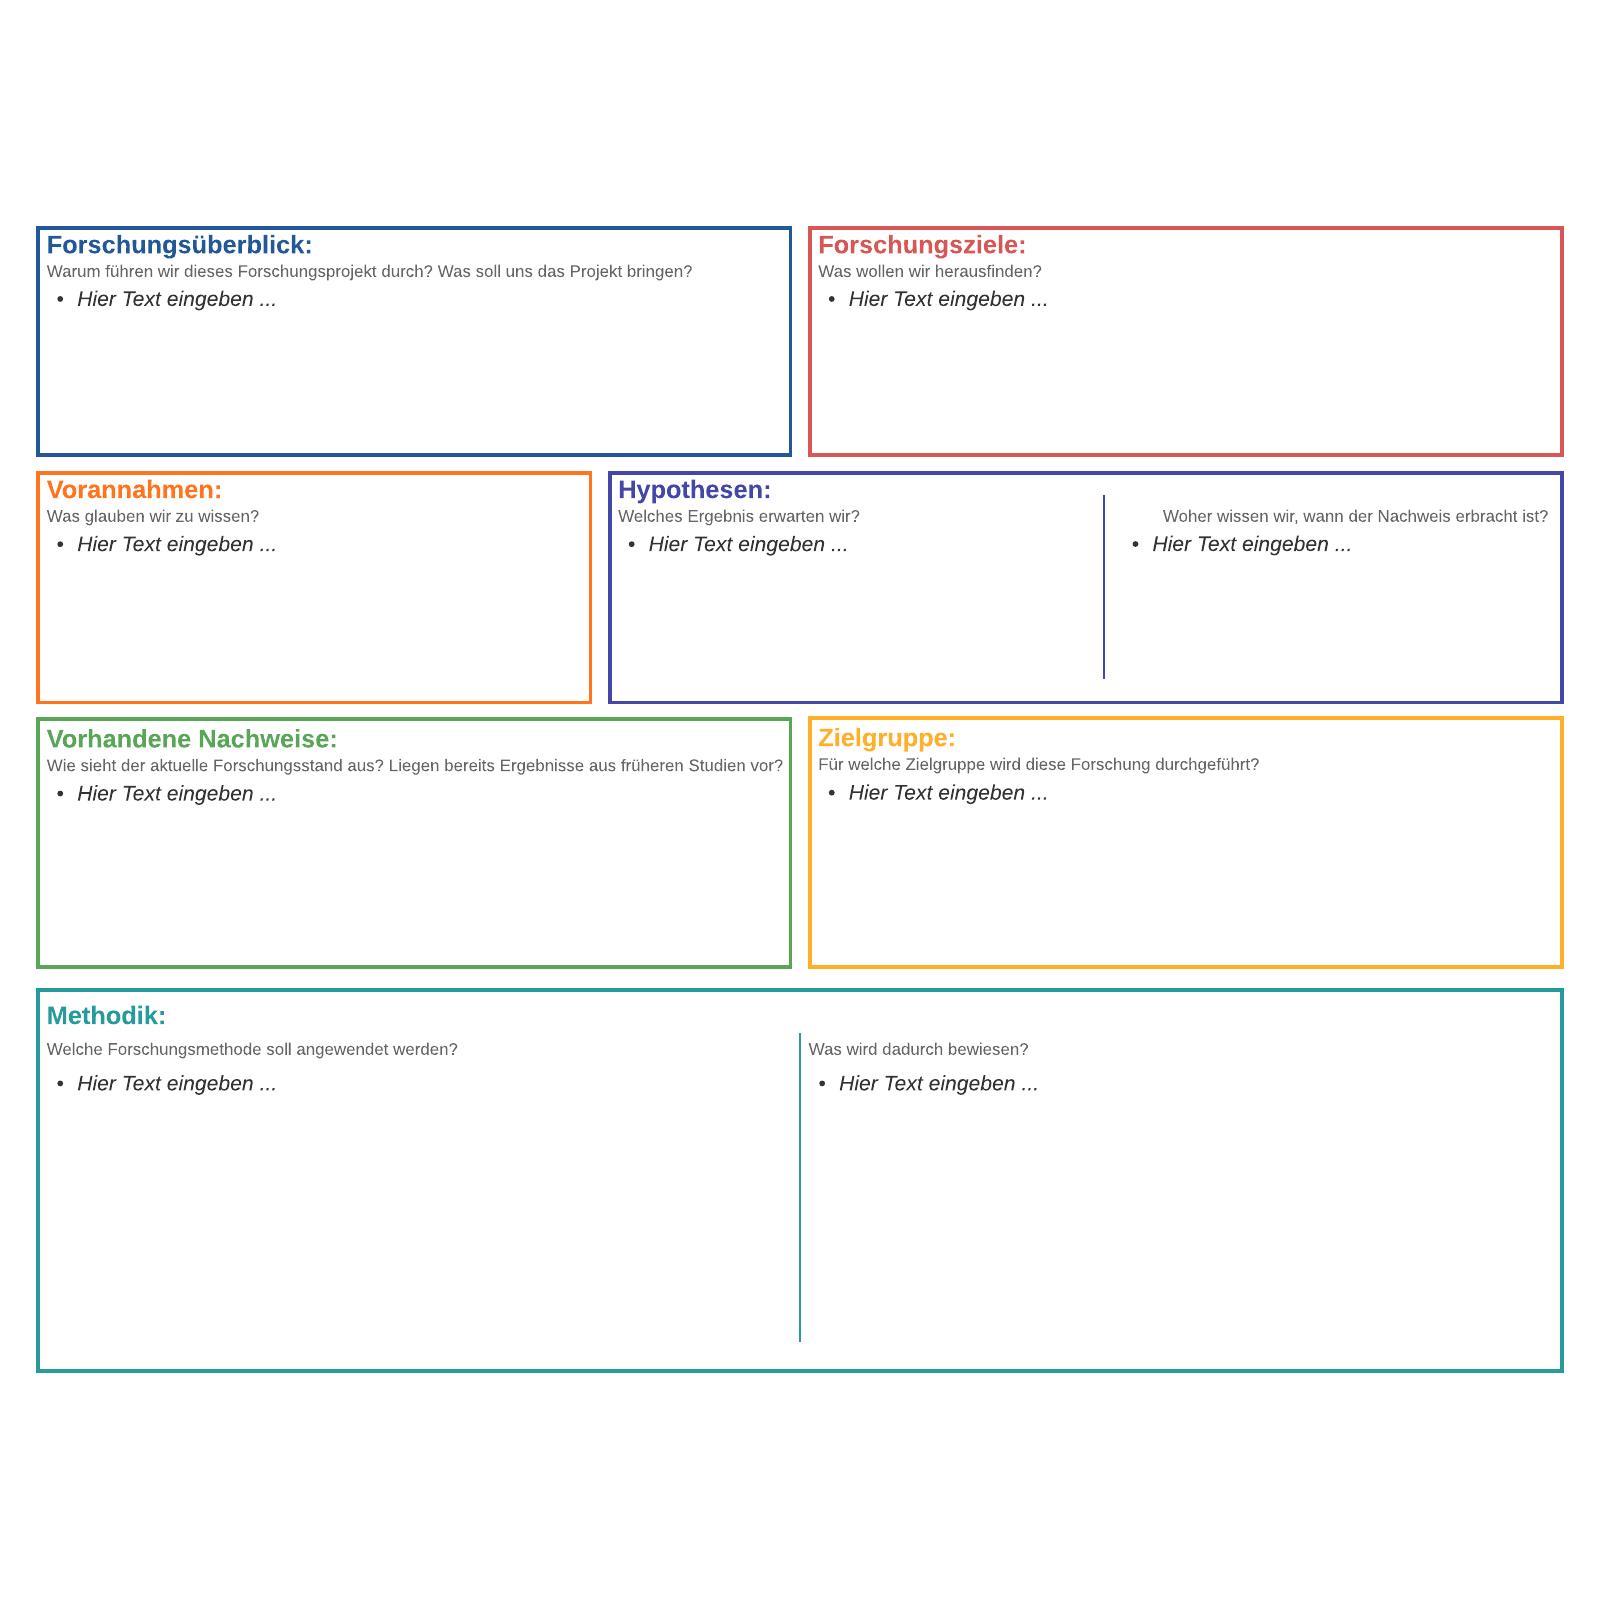 UX-Forschung Arbeitsfläche